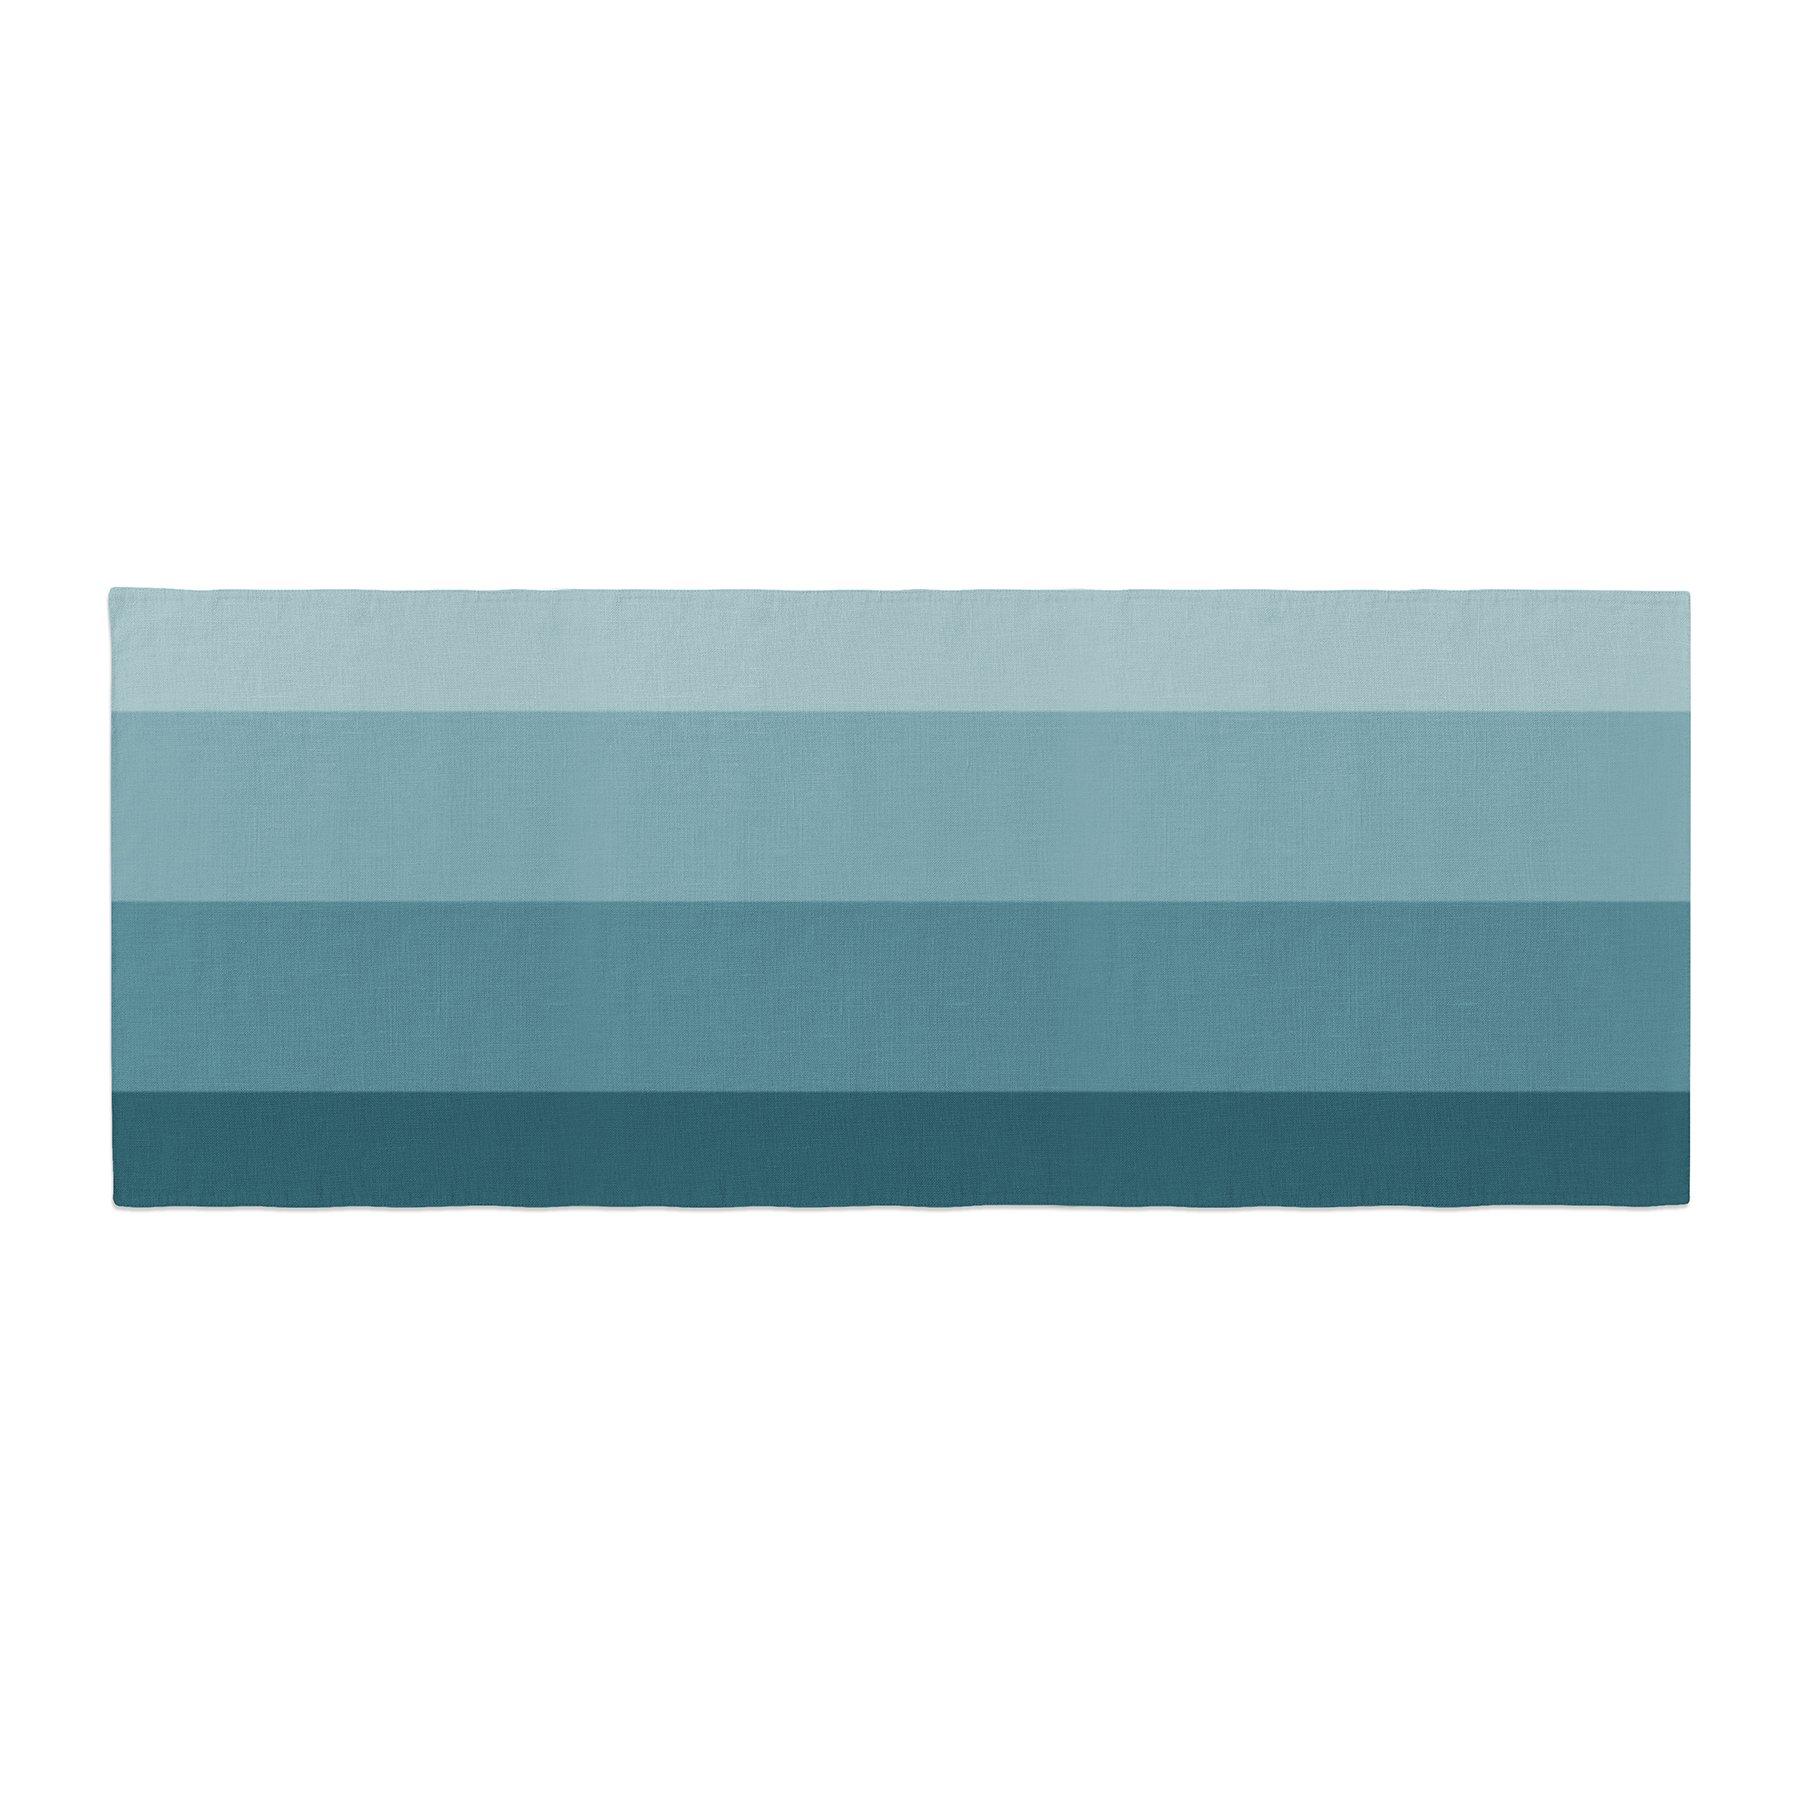 Kess InHouse Trebam Cijan Navy Teal Bed Runner, 34'' x 86''